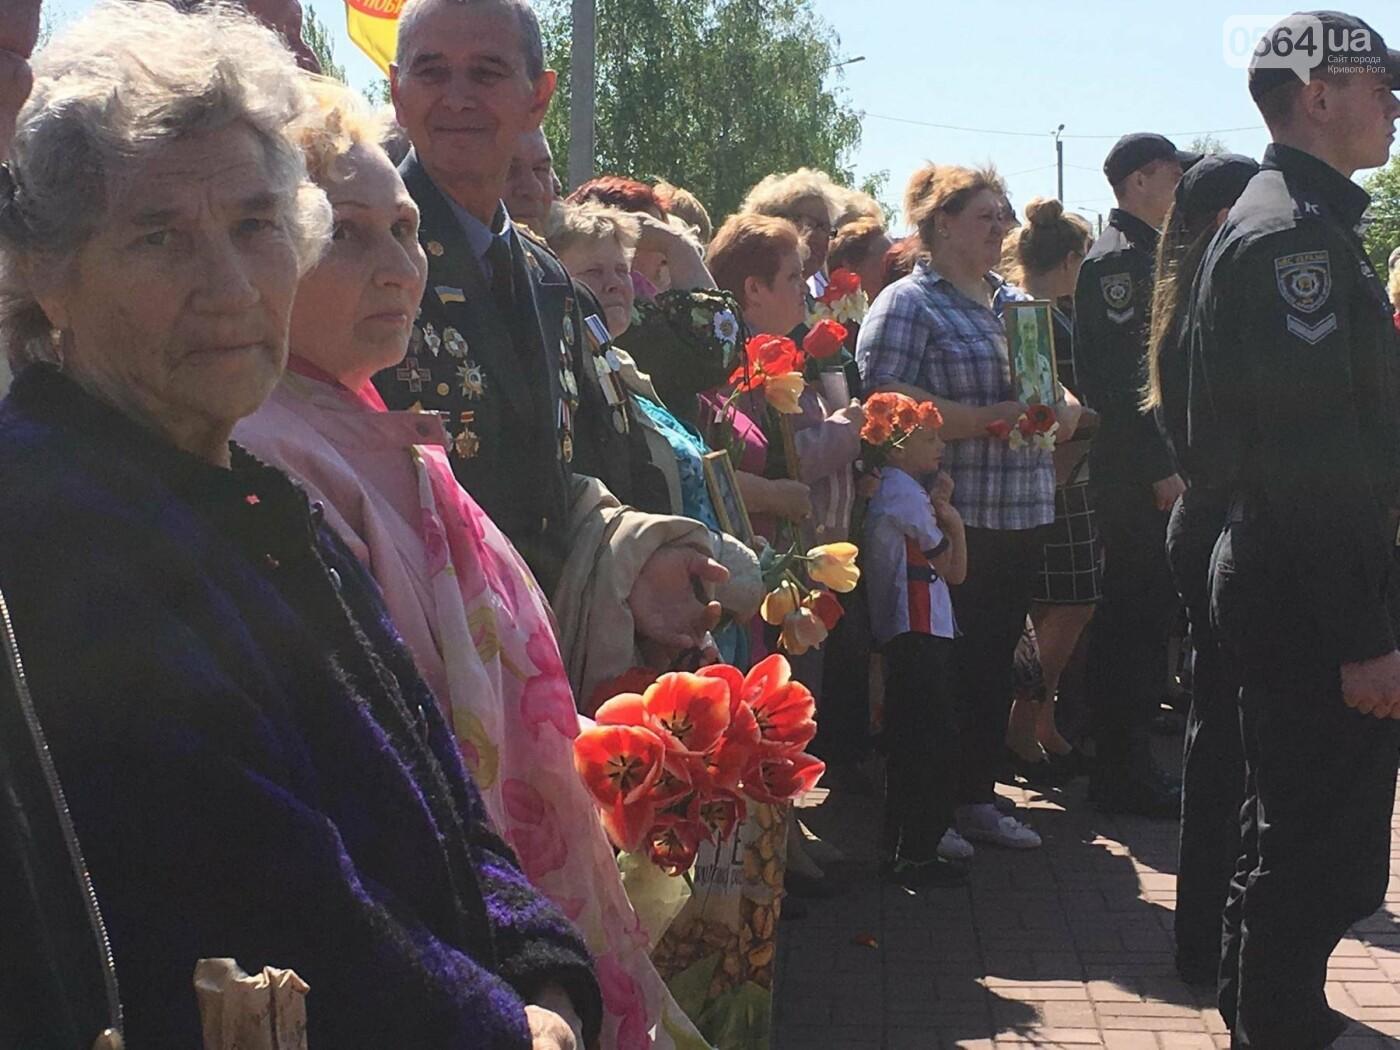 Чернобыльская катастрофа: В Кривом Роге прошел митинг-реквием в память о тех, кто пожертвовал собой во имя спасения сограждан (ФОТО, ВИДЕО), фото-7